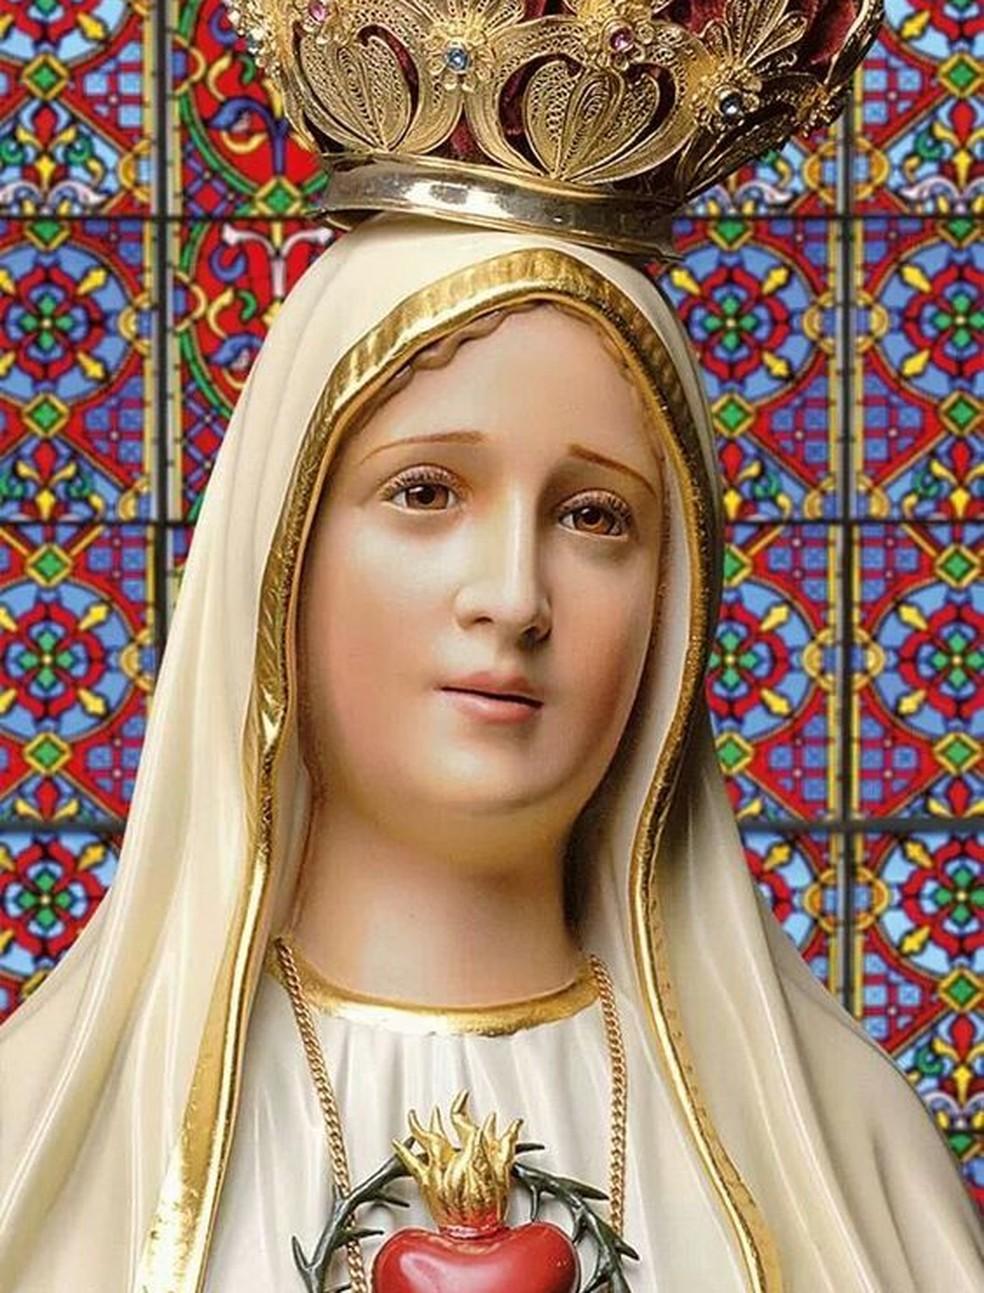 dca5b8243 ... Imagem de Nossa Senhora de Fátima — Foto  Paulo Eduardo Roque  Cardoso Arquivo pessoal